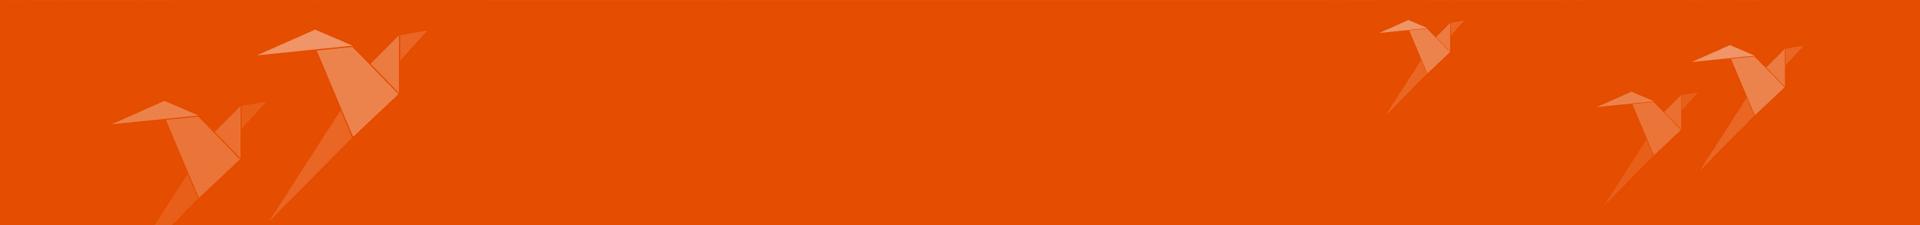 oranger Hintergrund mit Teamworks-Logo